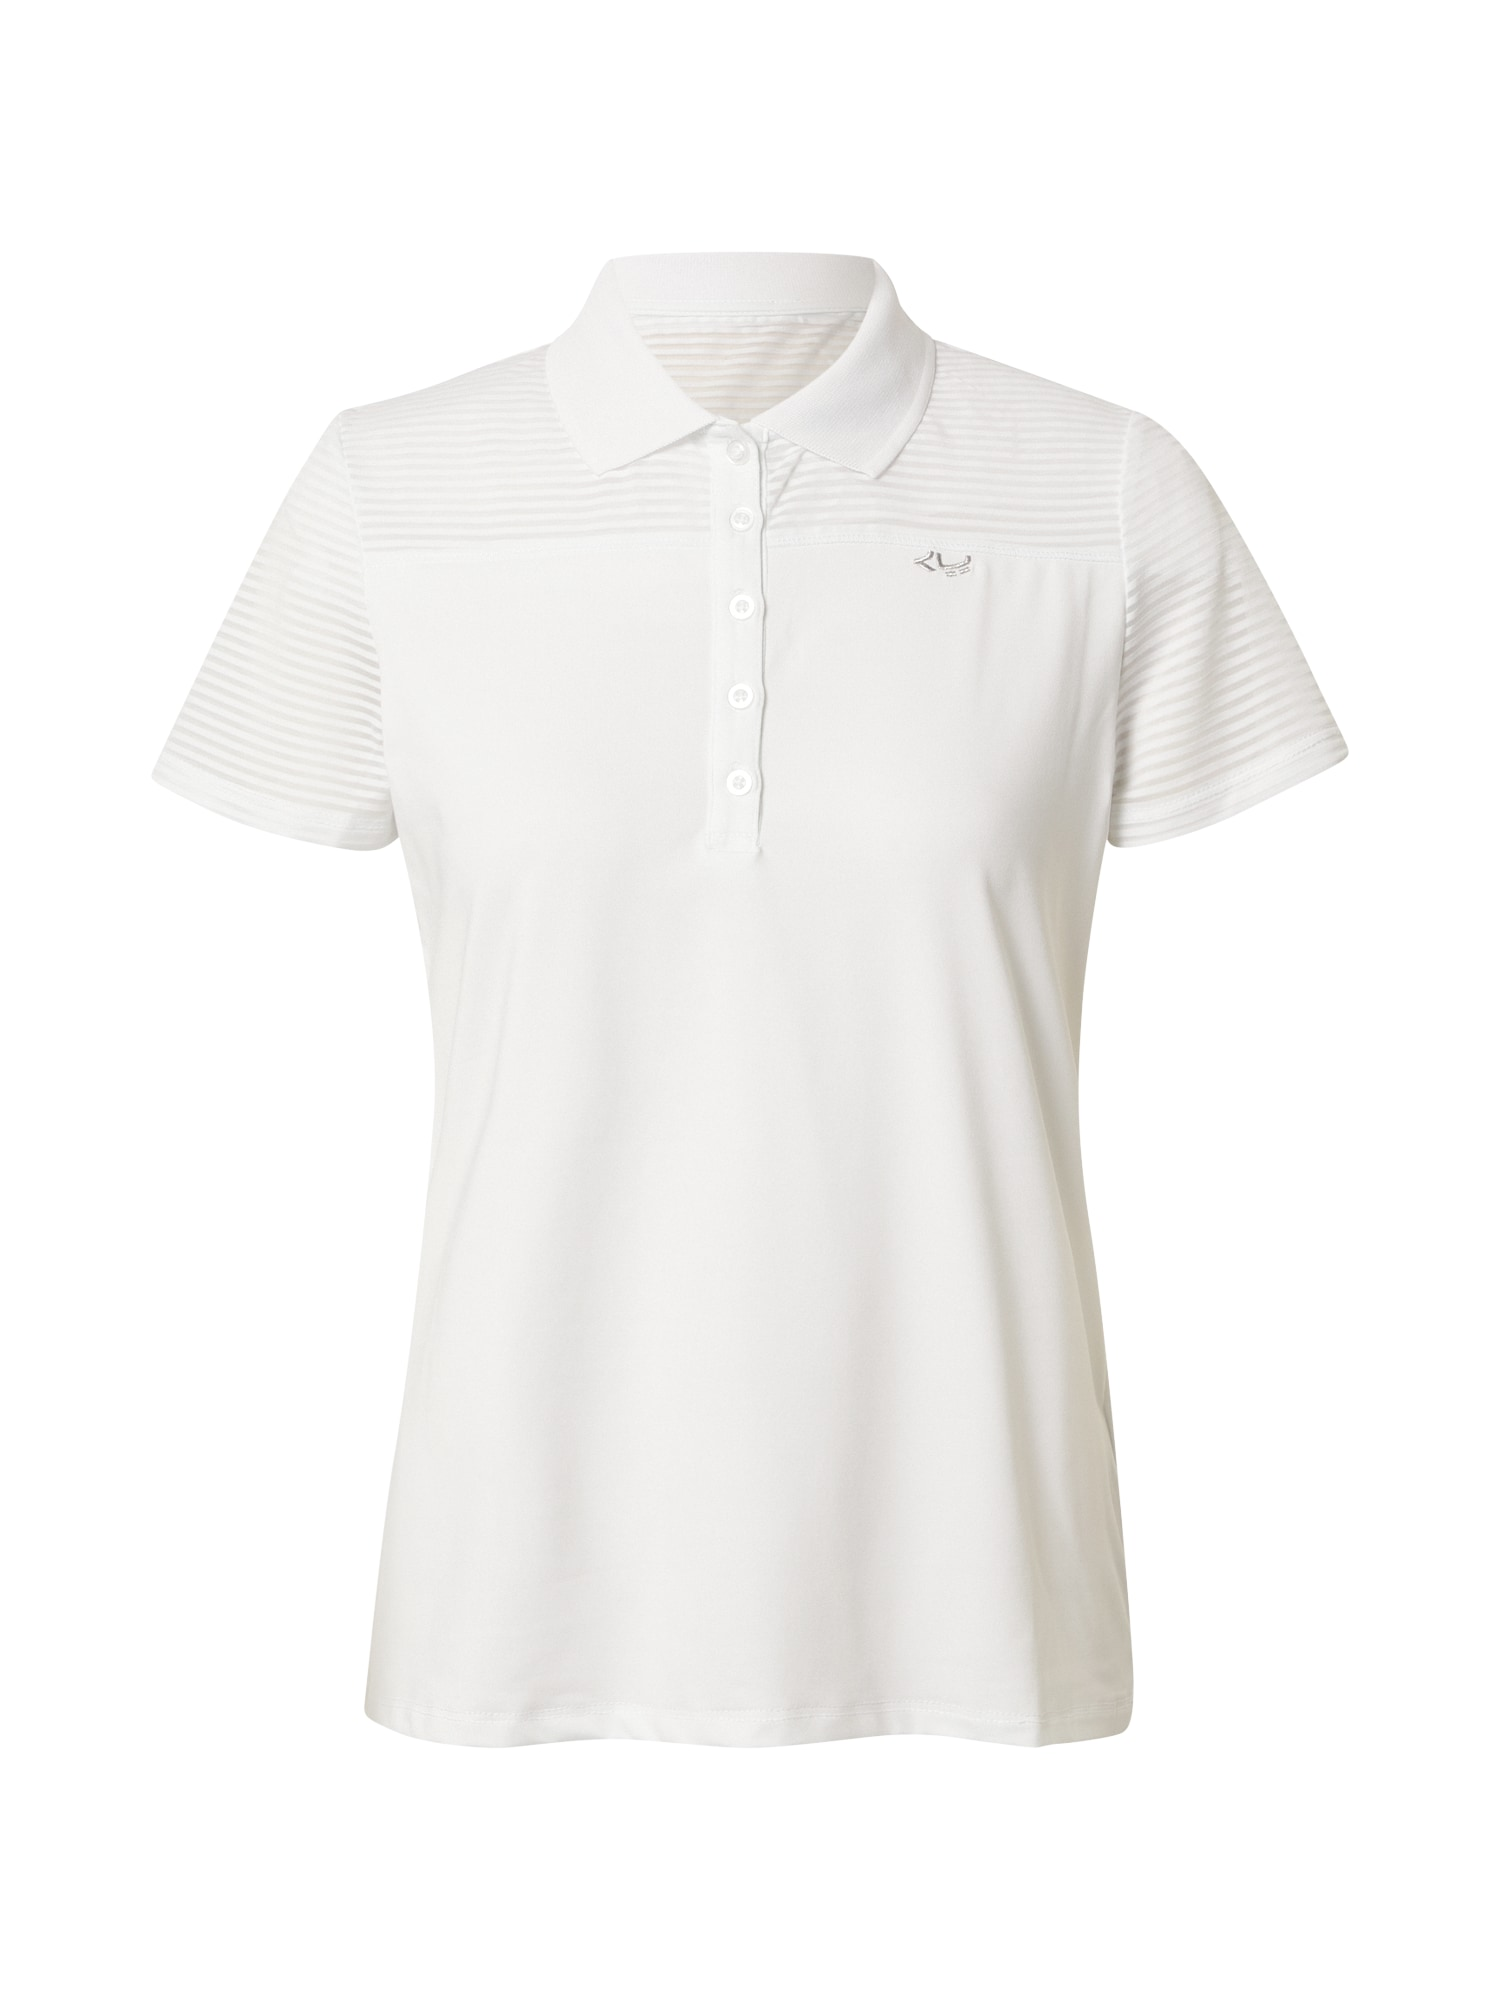 Röhnisch Sportiniai marškinėliai